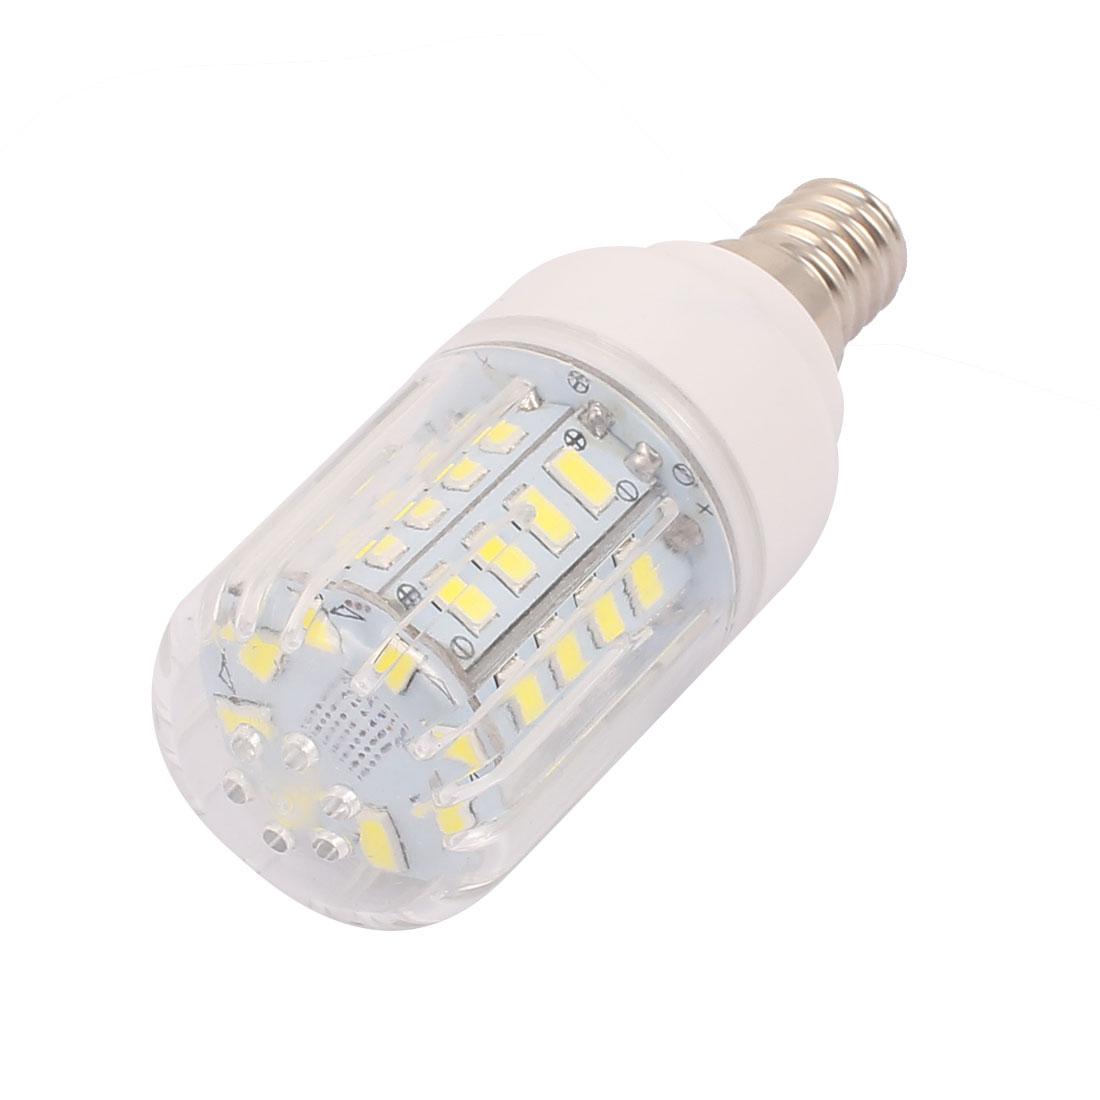 AC 220V E14 3W Pure White 40 LEDs 5733 SMD Energy Saving Silicone Corn Light Bulb